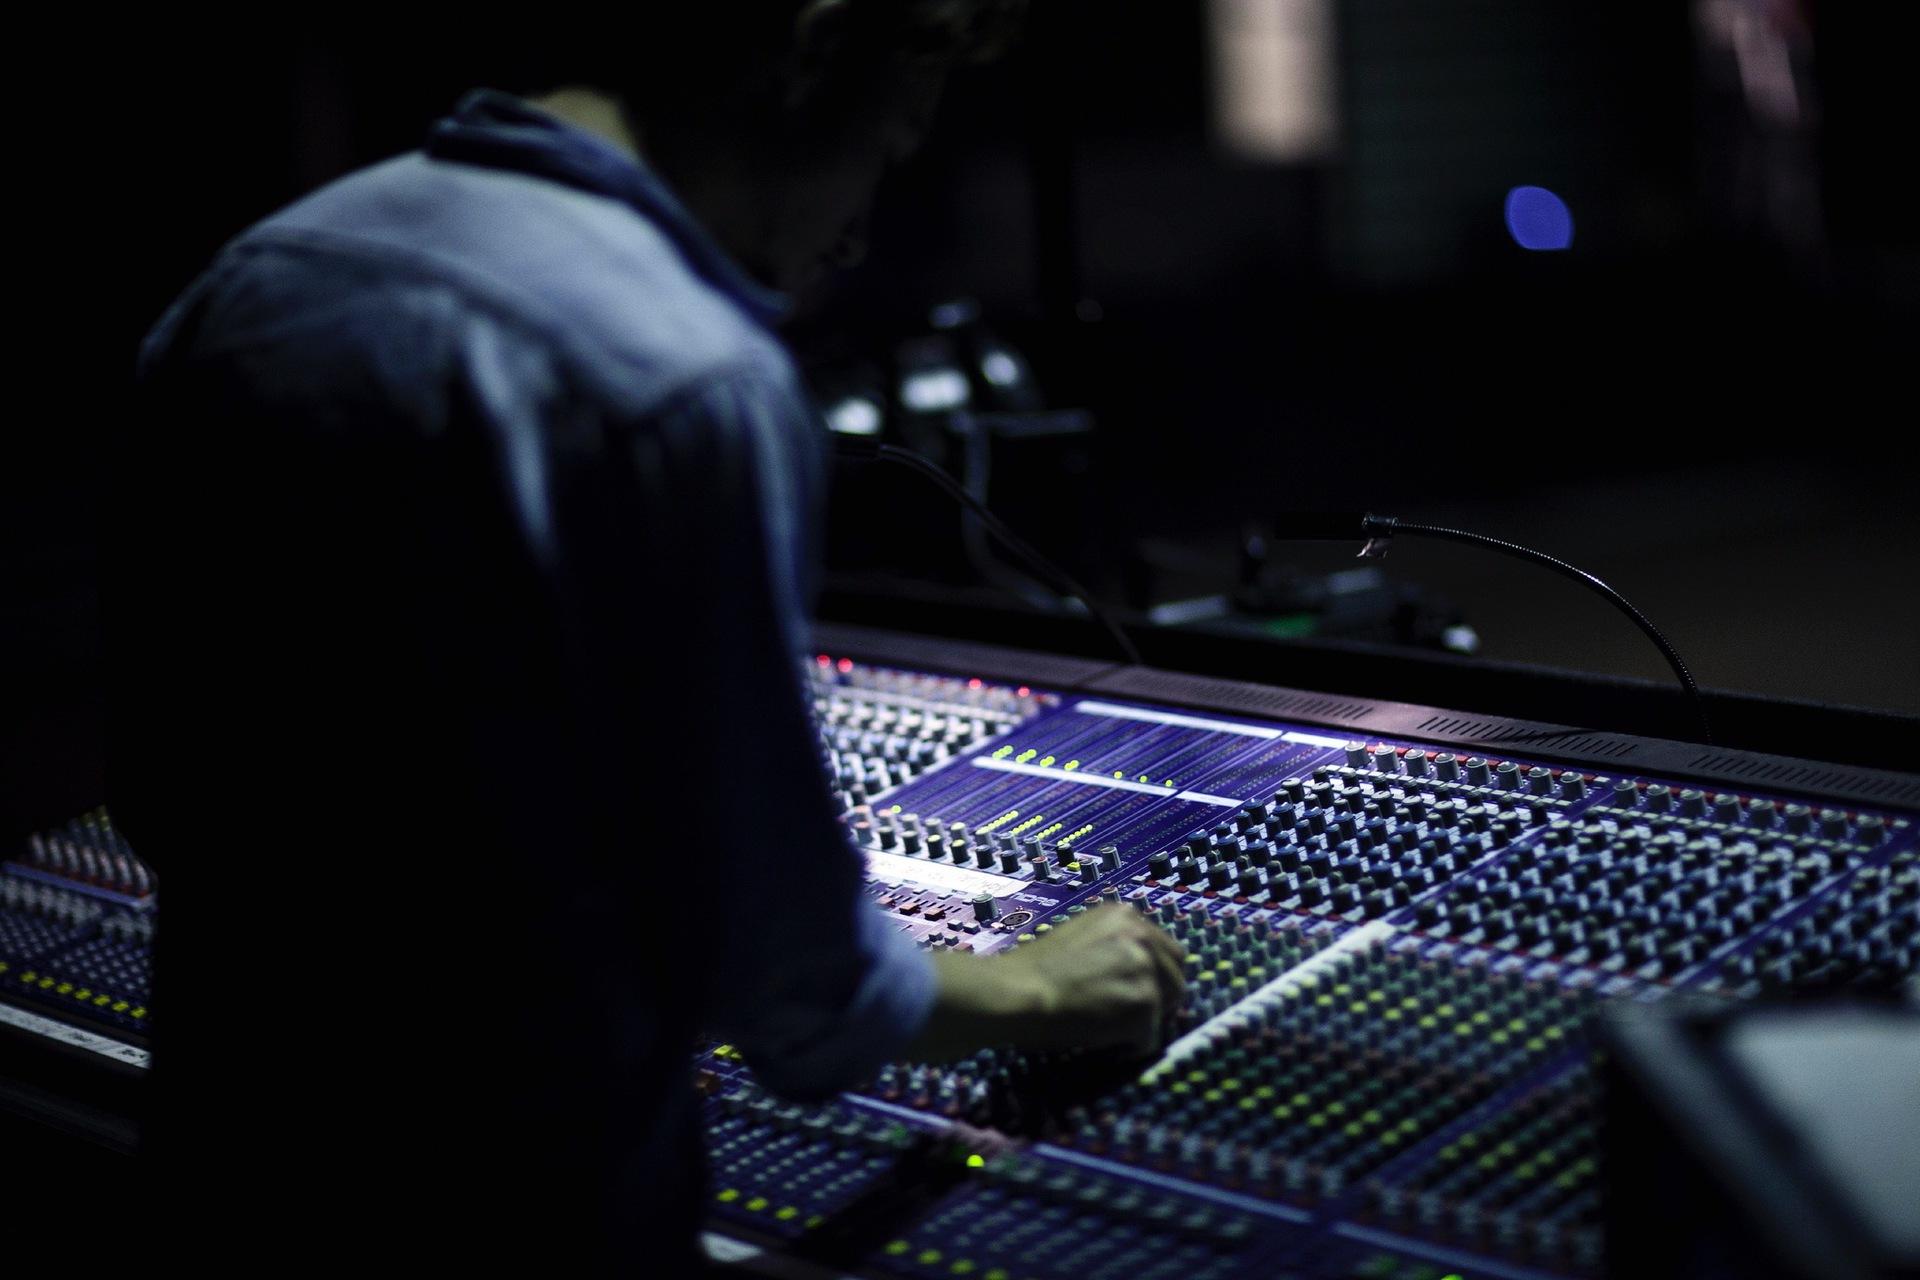 скачать звук пластинки для перехода между песнями